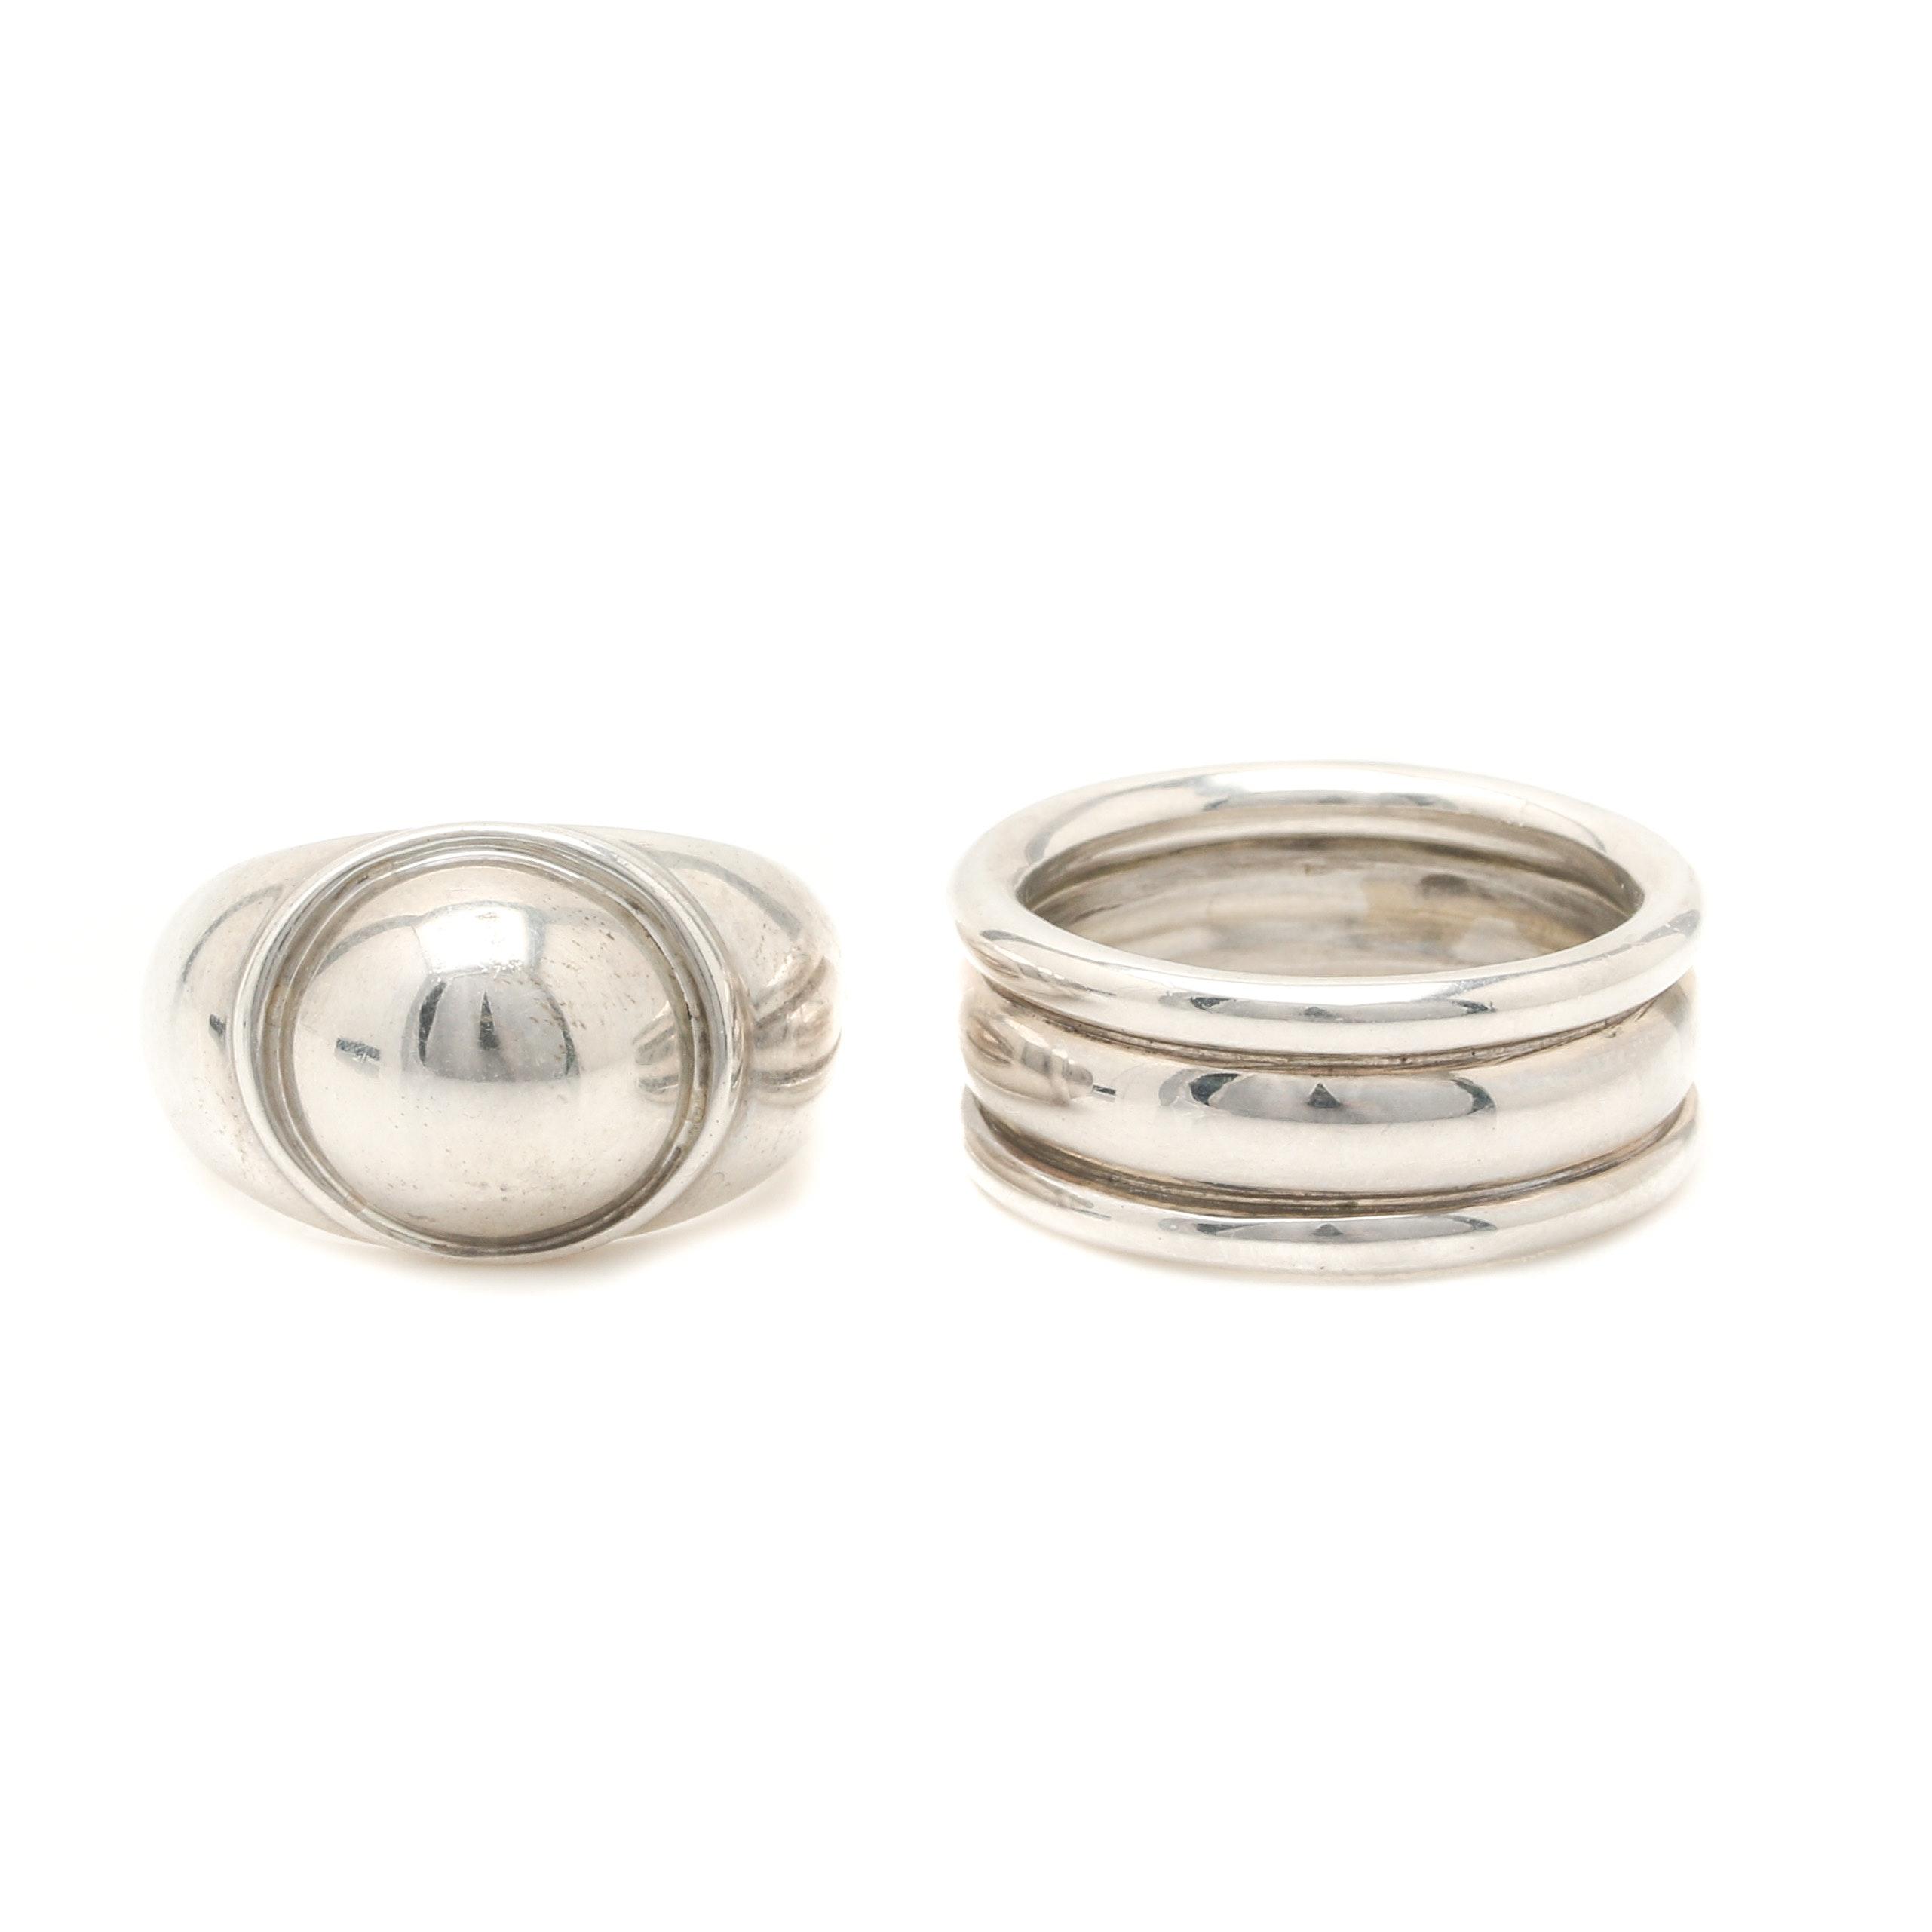 Bill Schiffer Sterling Silver Rings